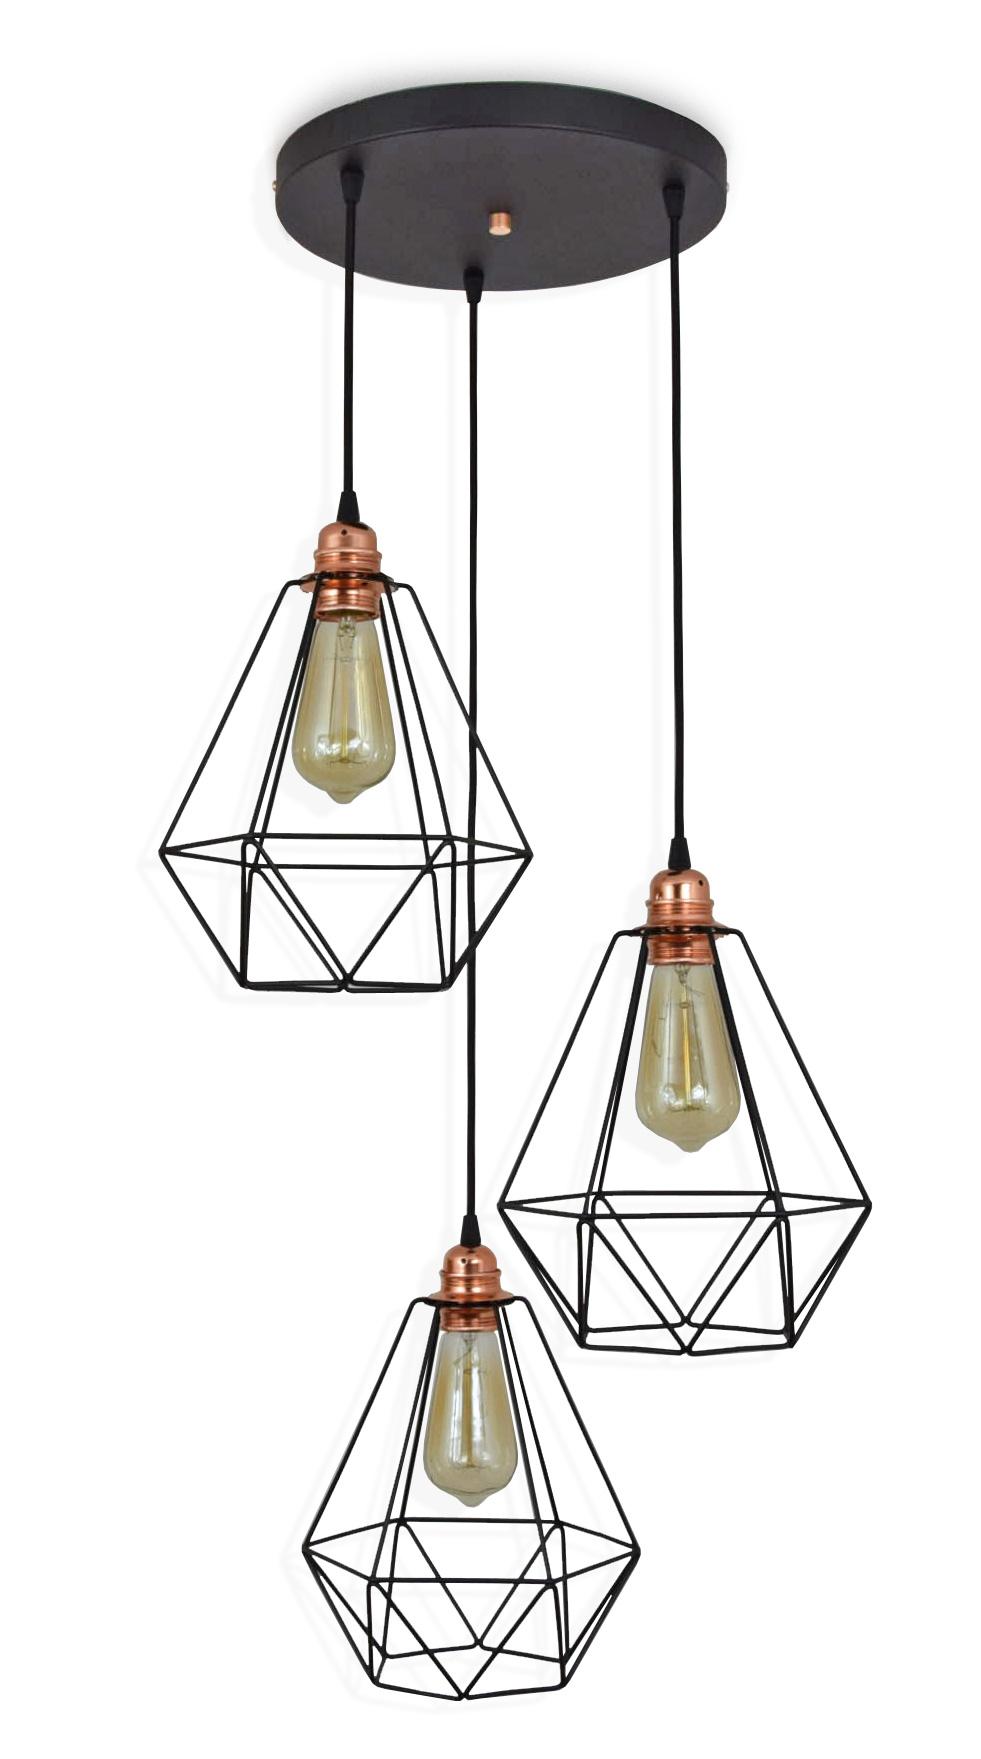 PRÍVESOK LAMPY, STROPNÉ LAMPY VINTAGE LOFT EDISON LED 712-3